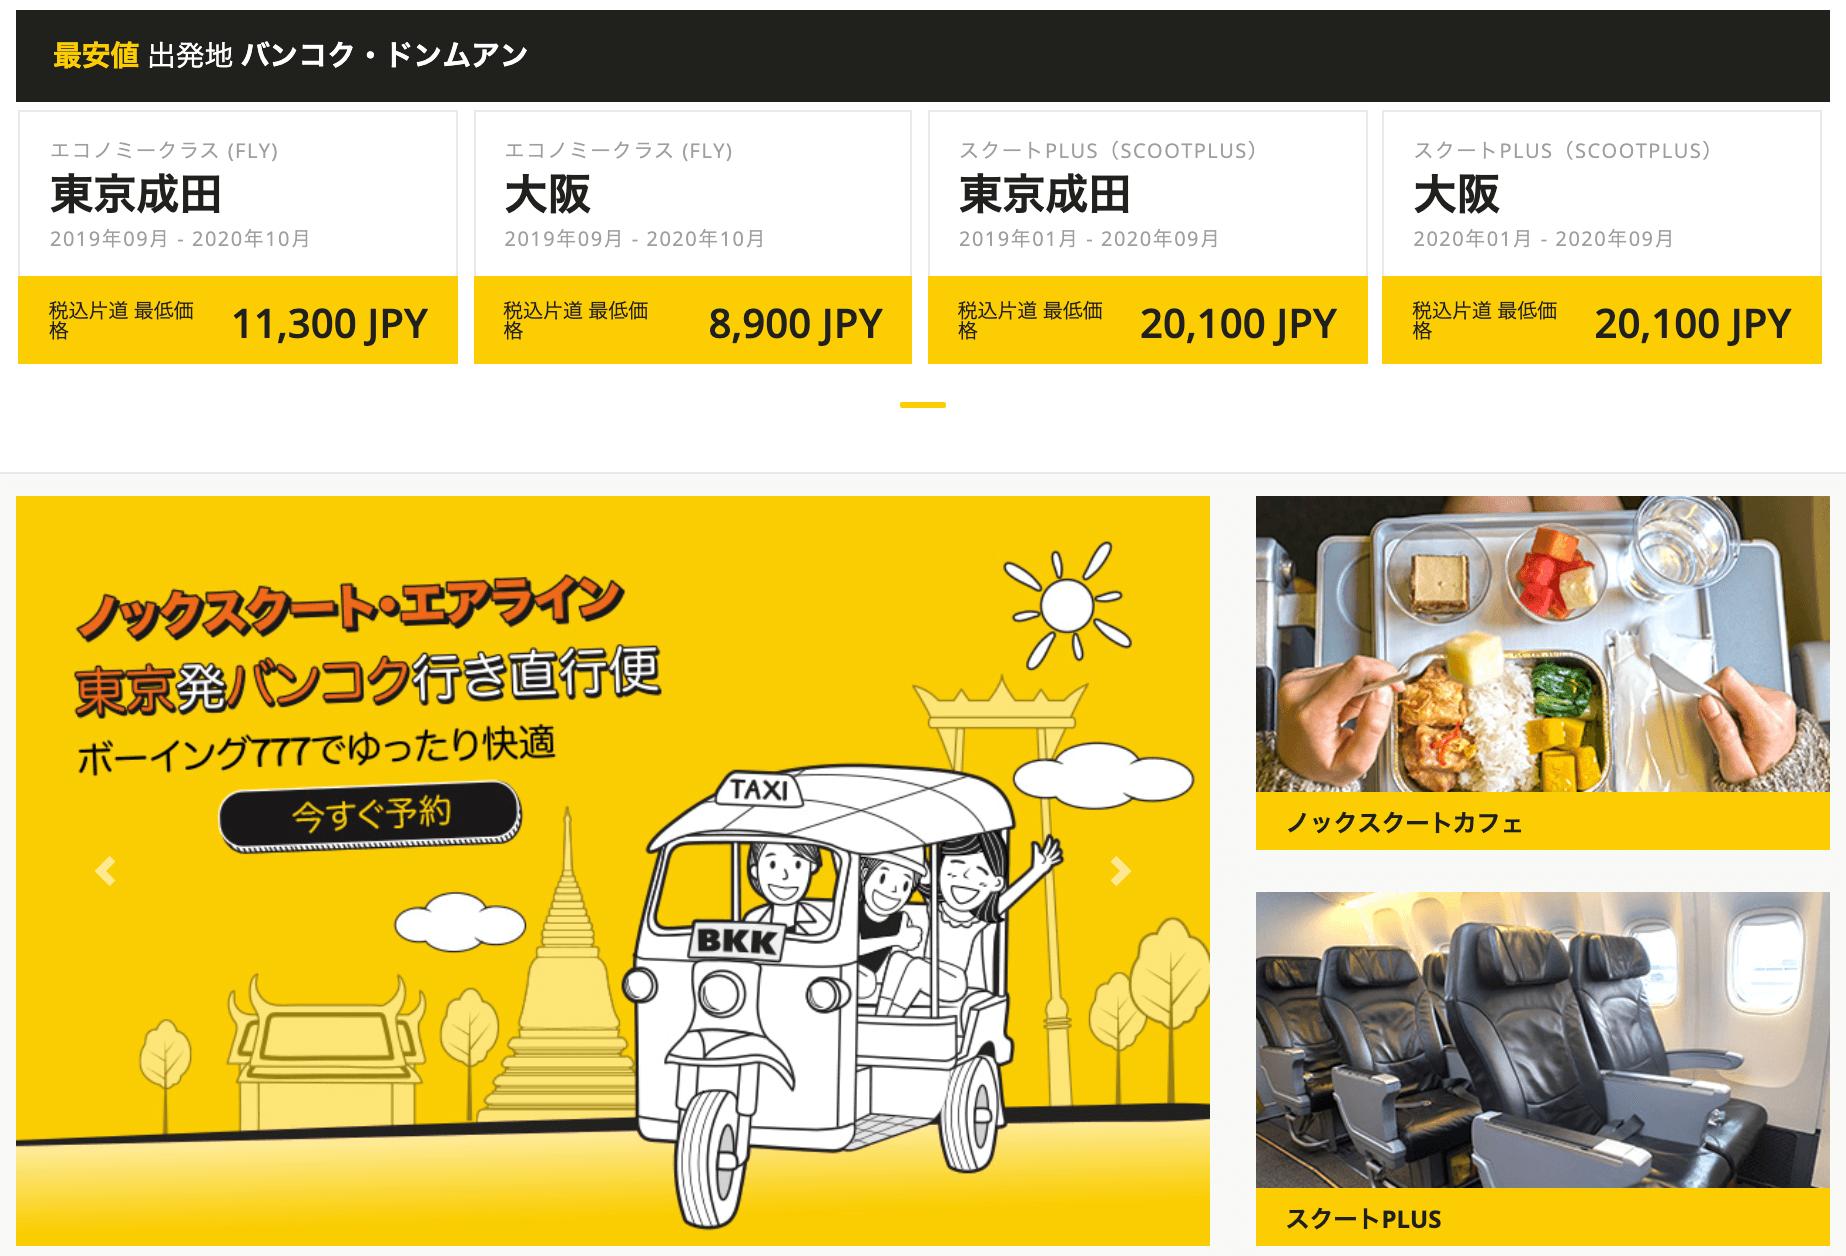 LCC・ノックスクートのセールで往復2万円を発見!